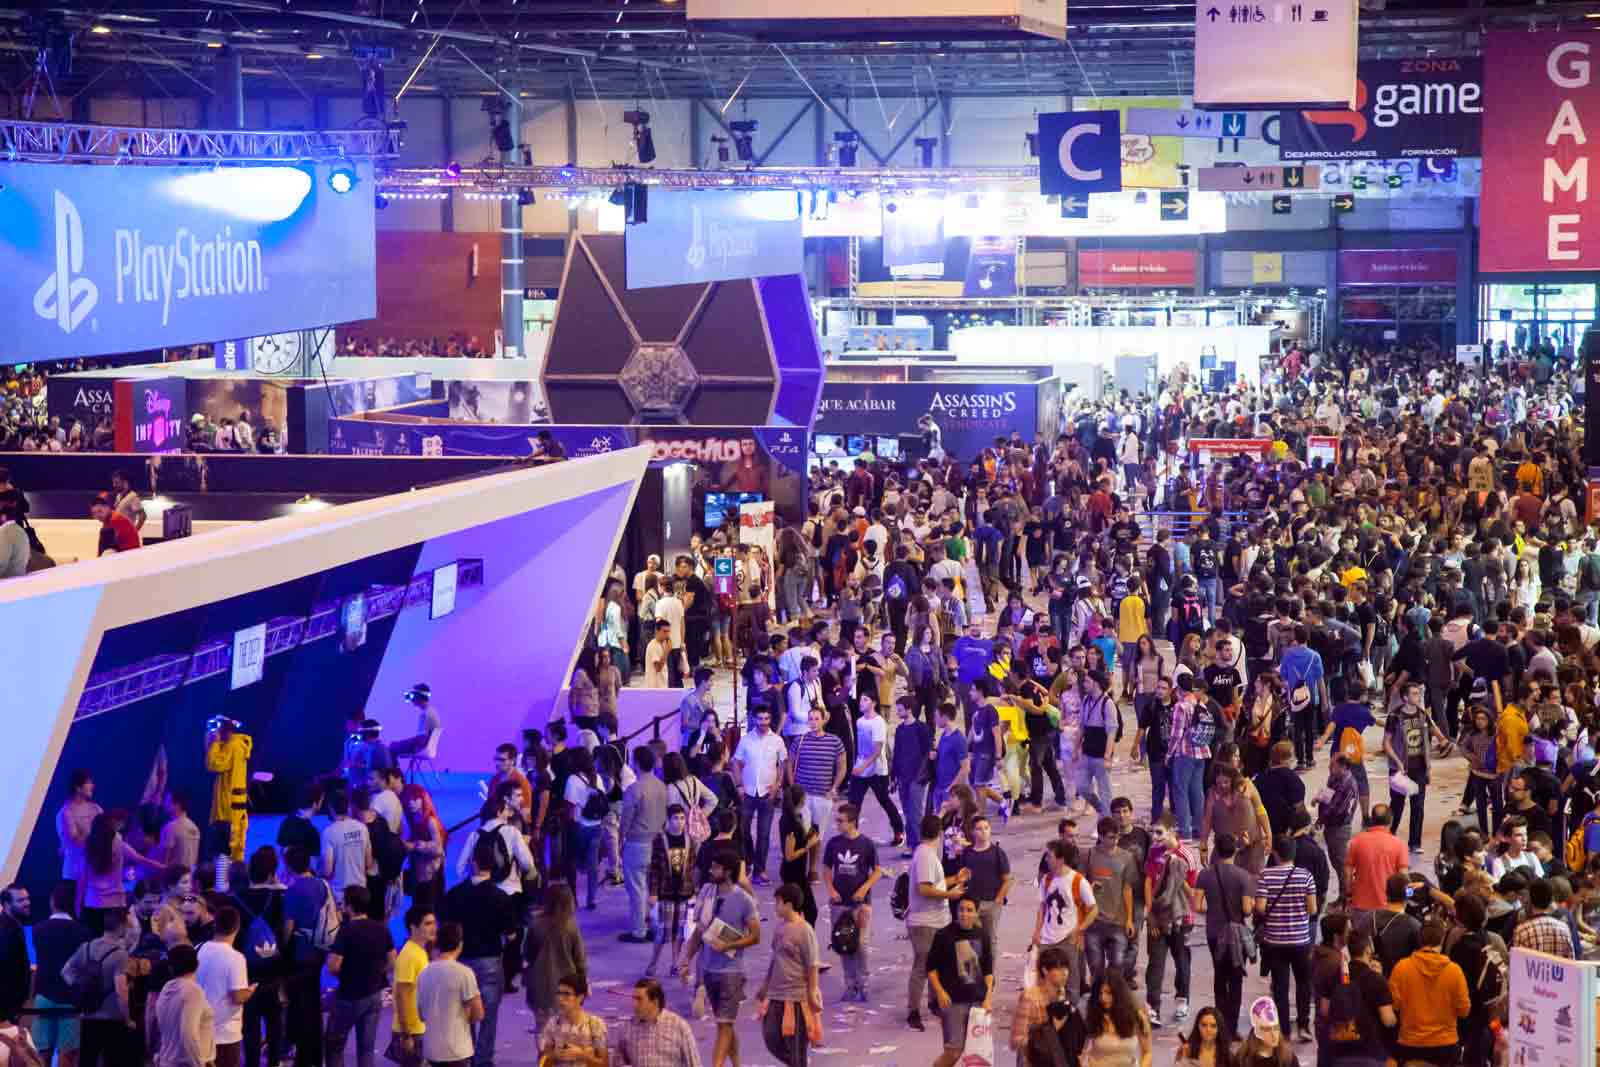 La feria dará a conocer las últimas novedades y los nuevos lanzamientos de la industria del videojuego y ocio digital